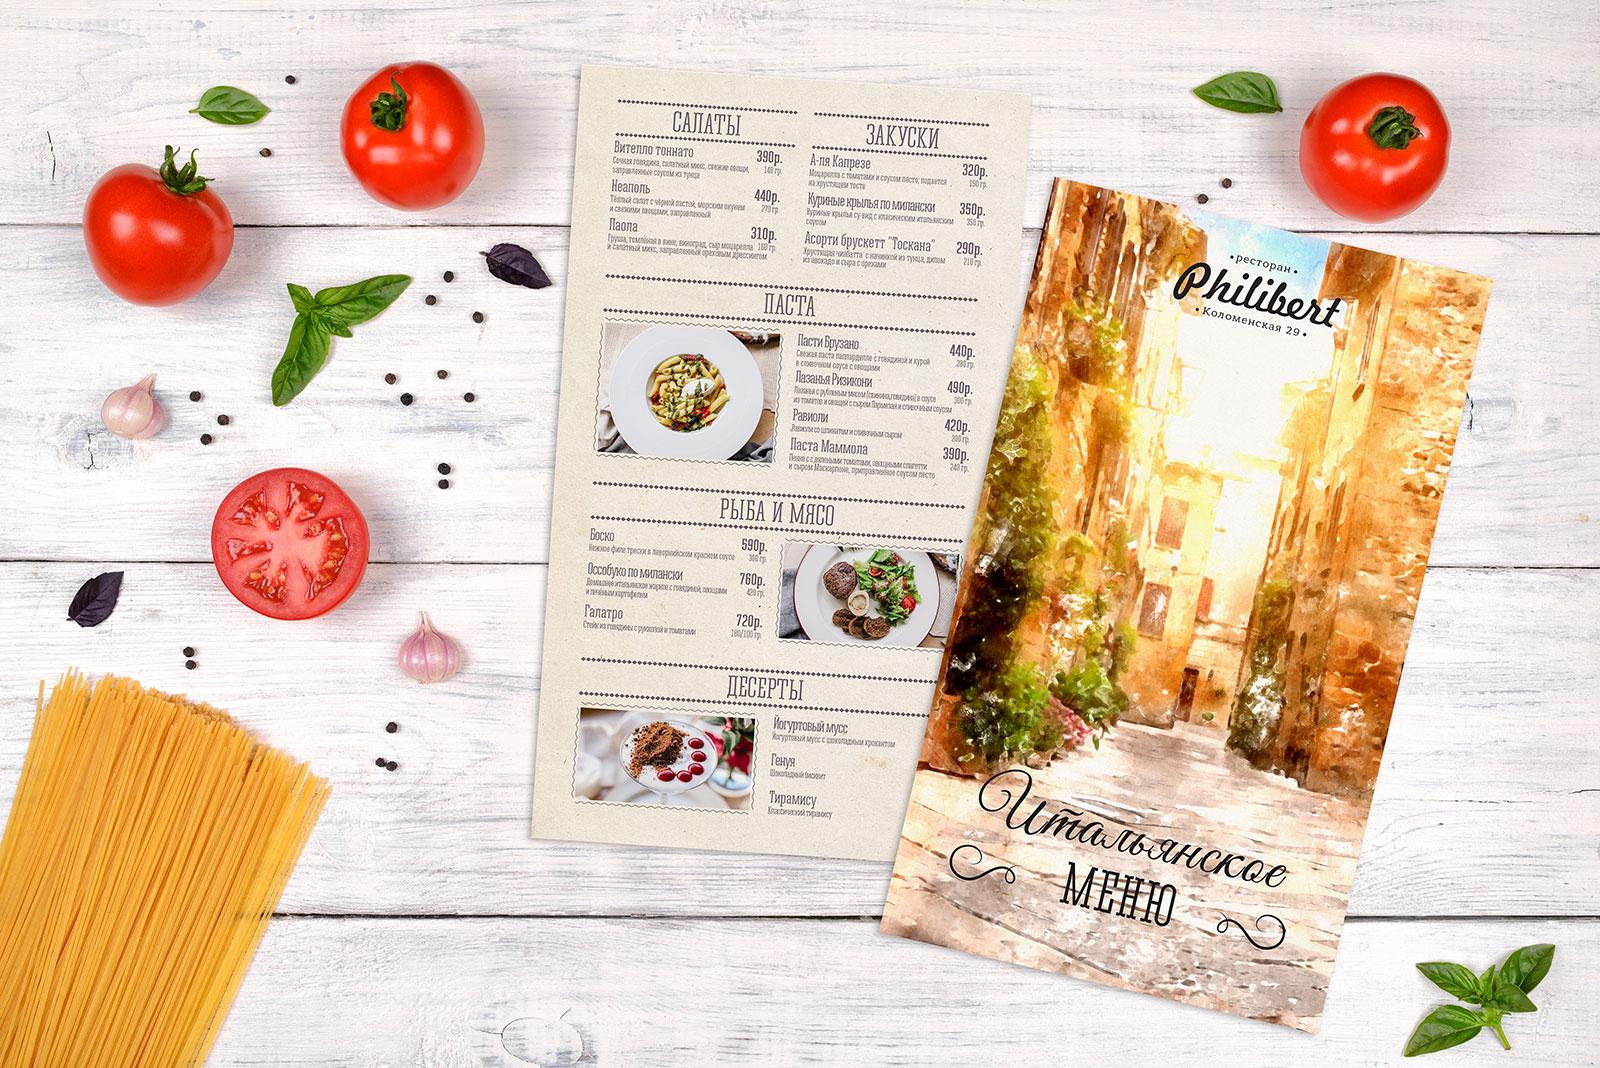 Итальянское меню кафе Philibert